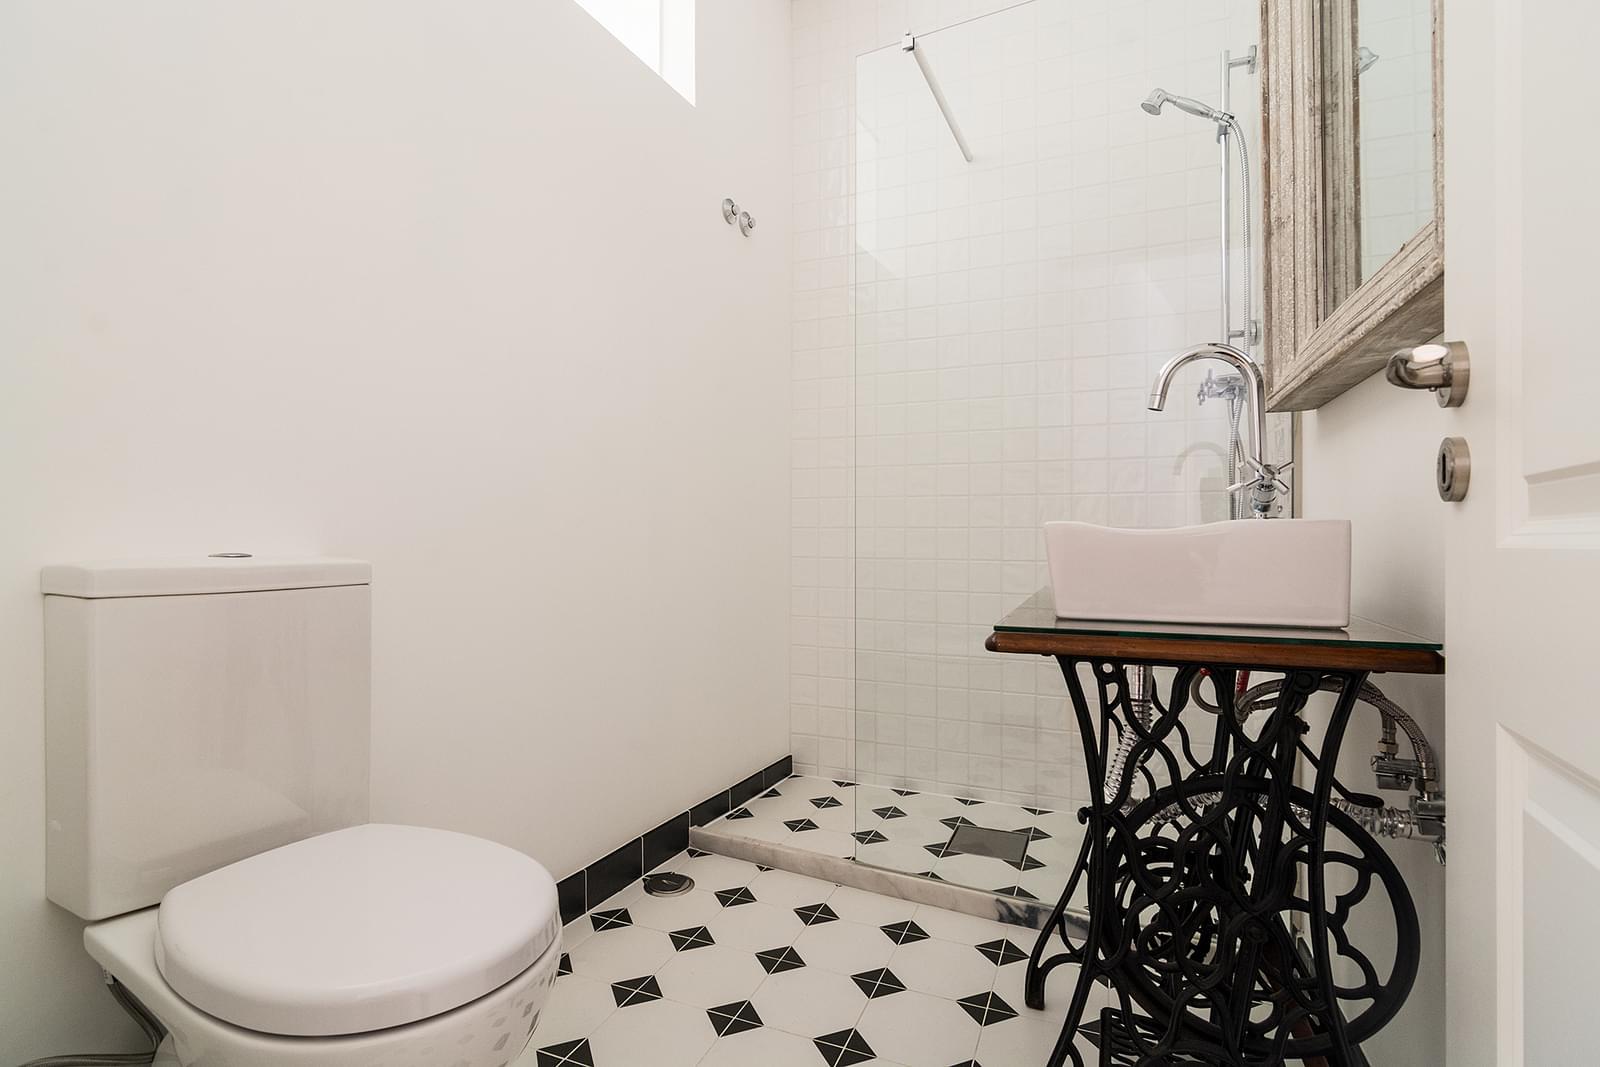 pf16908-apartamento-t2-lisboa-261041d2-6099-441b-95e6-50c570cd7d1d